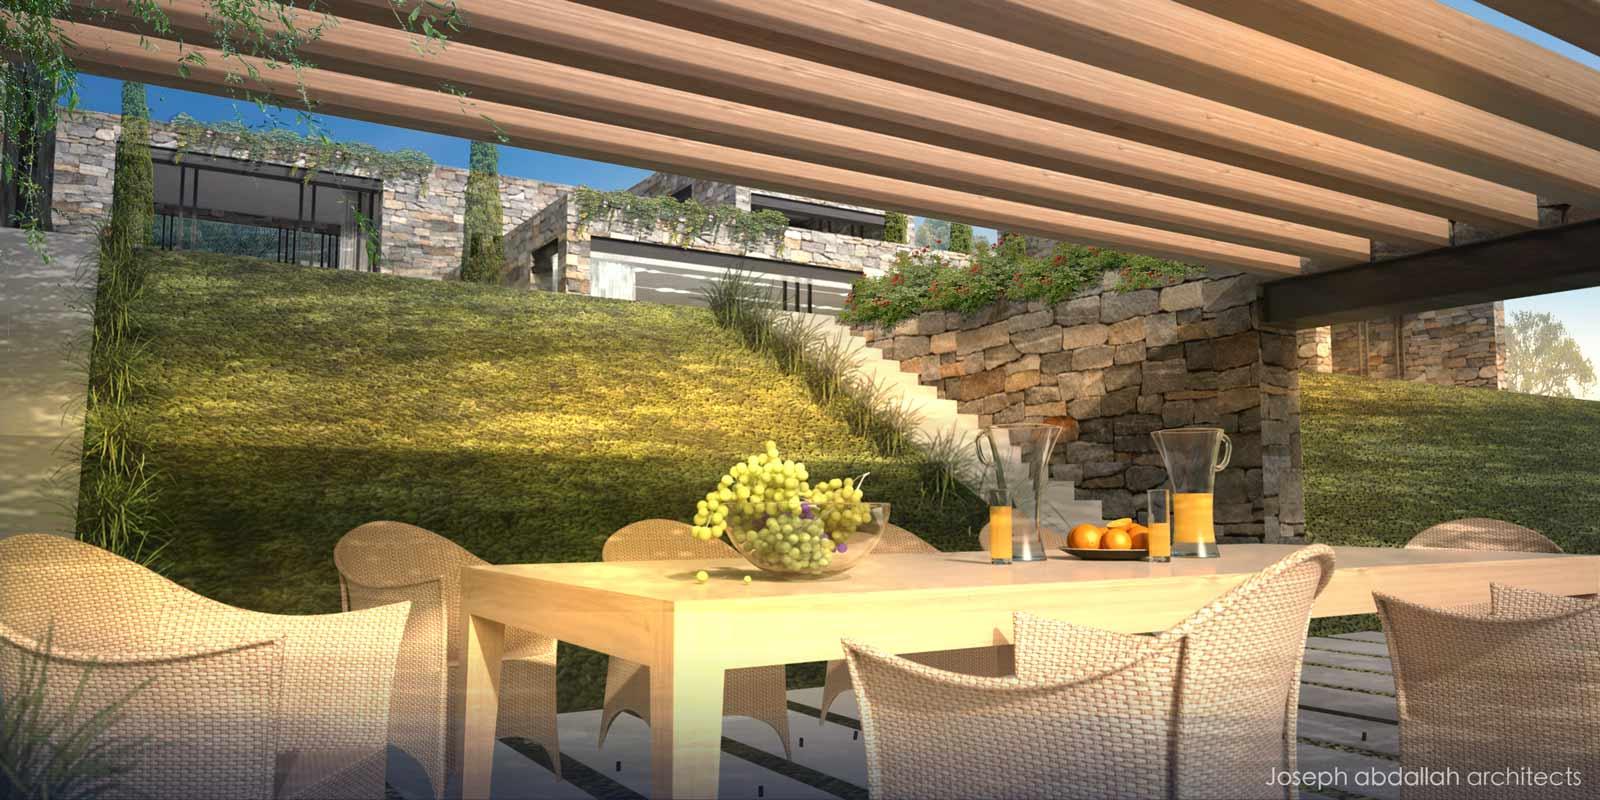 ejbeh-domaine-architecture-villa-lebanon-joseph-abdallah-architects-4